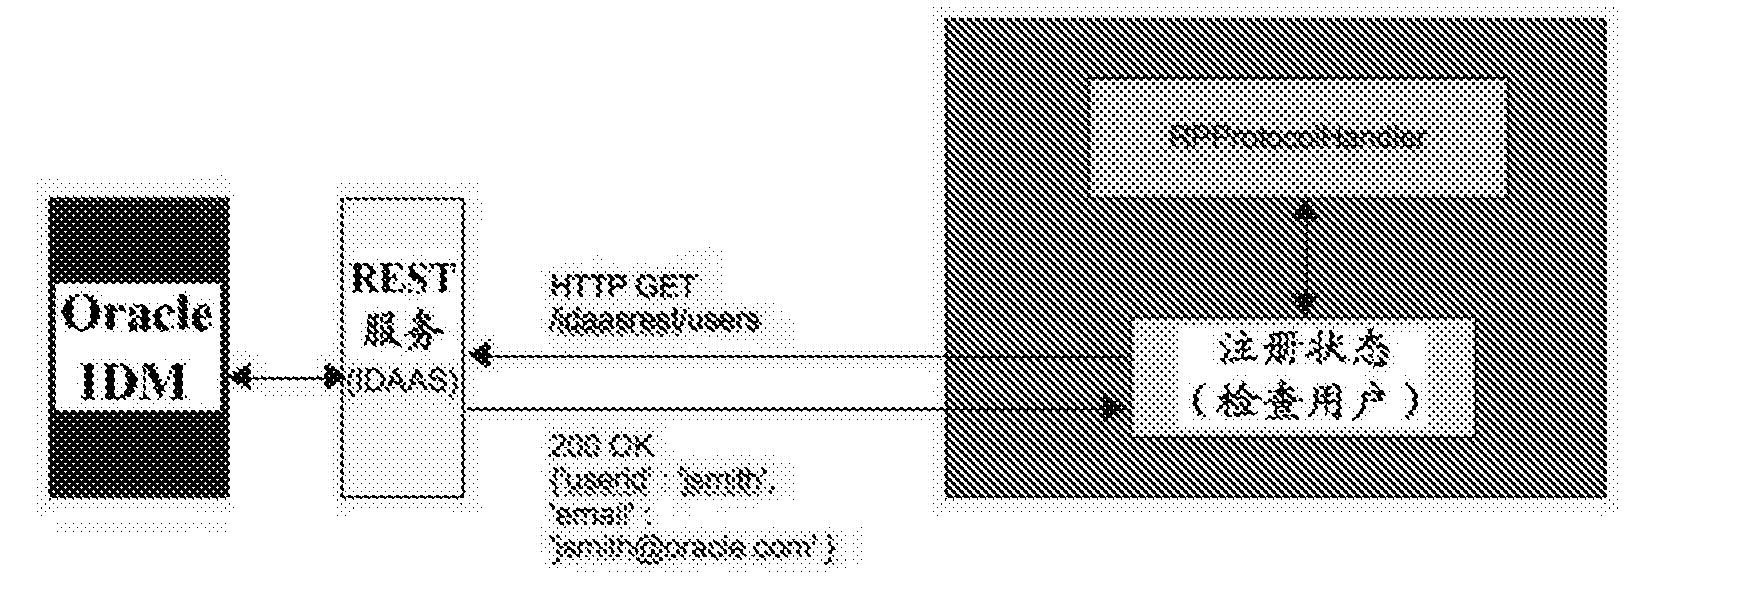 Figure CN104255007BD00662